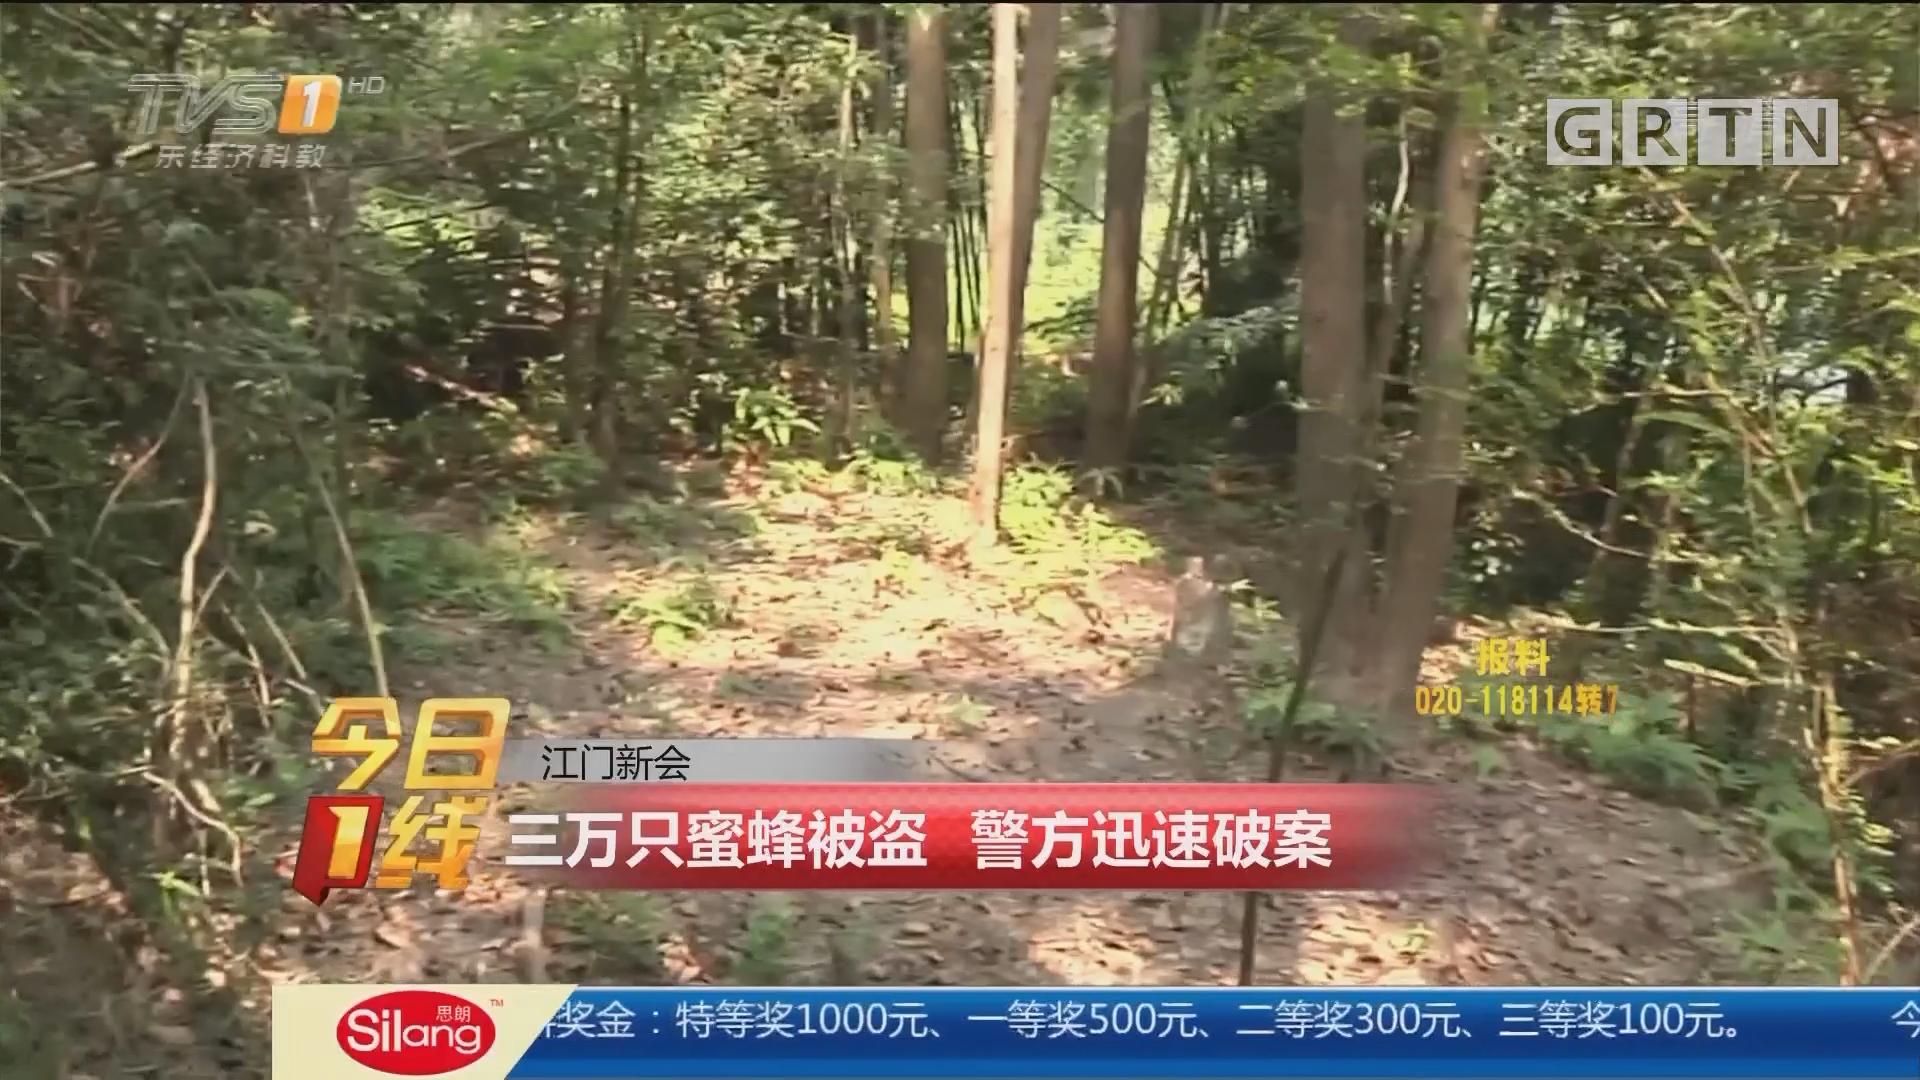 江门新会:三万只蜜蜂被盗 警方迅速破案